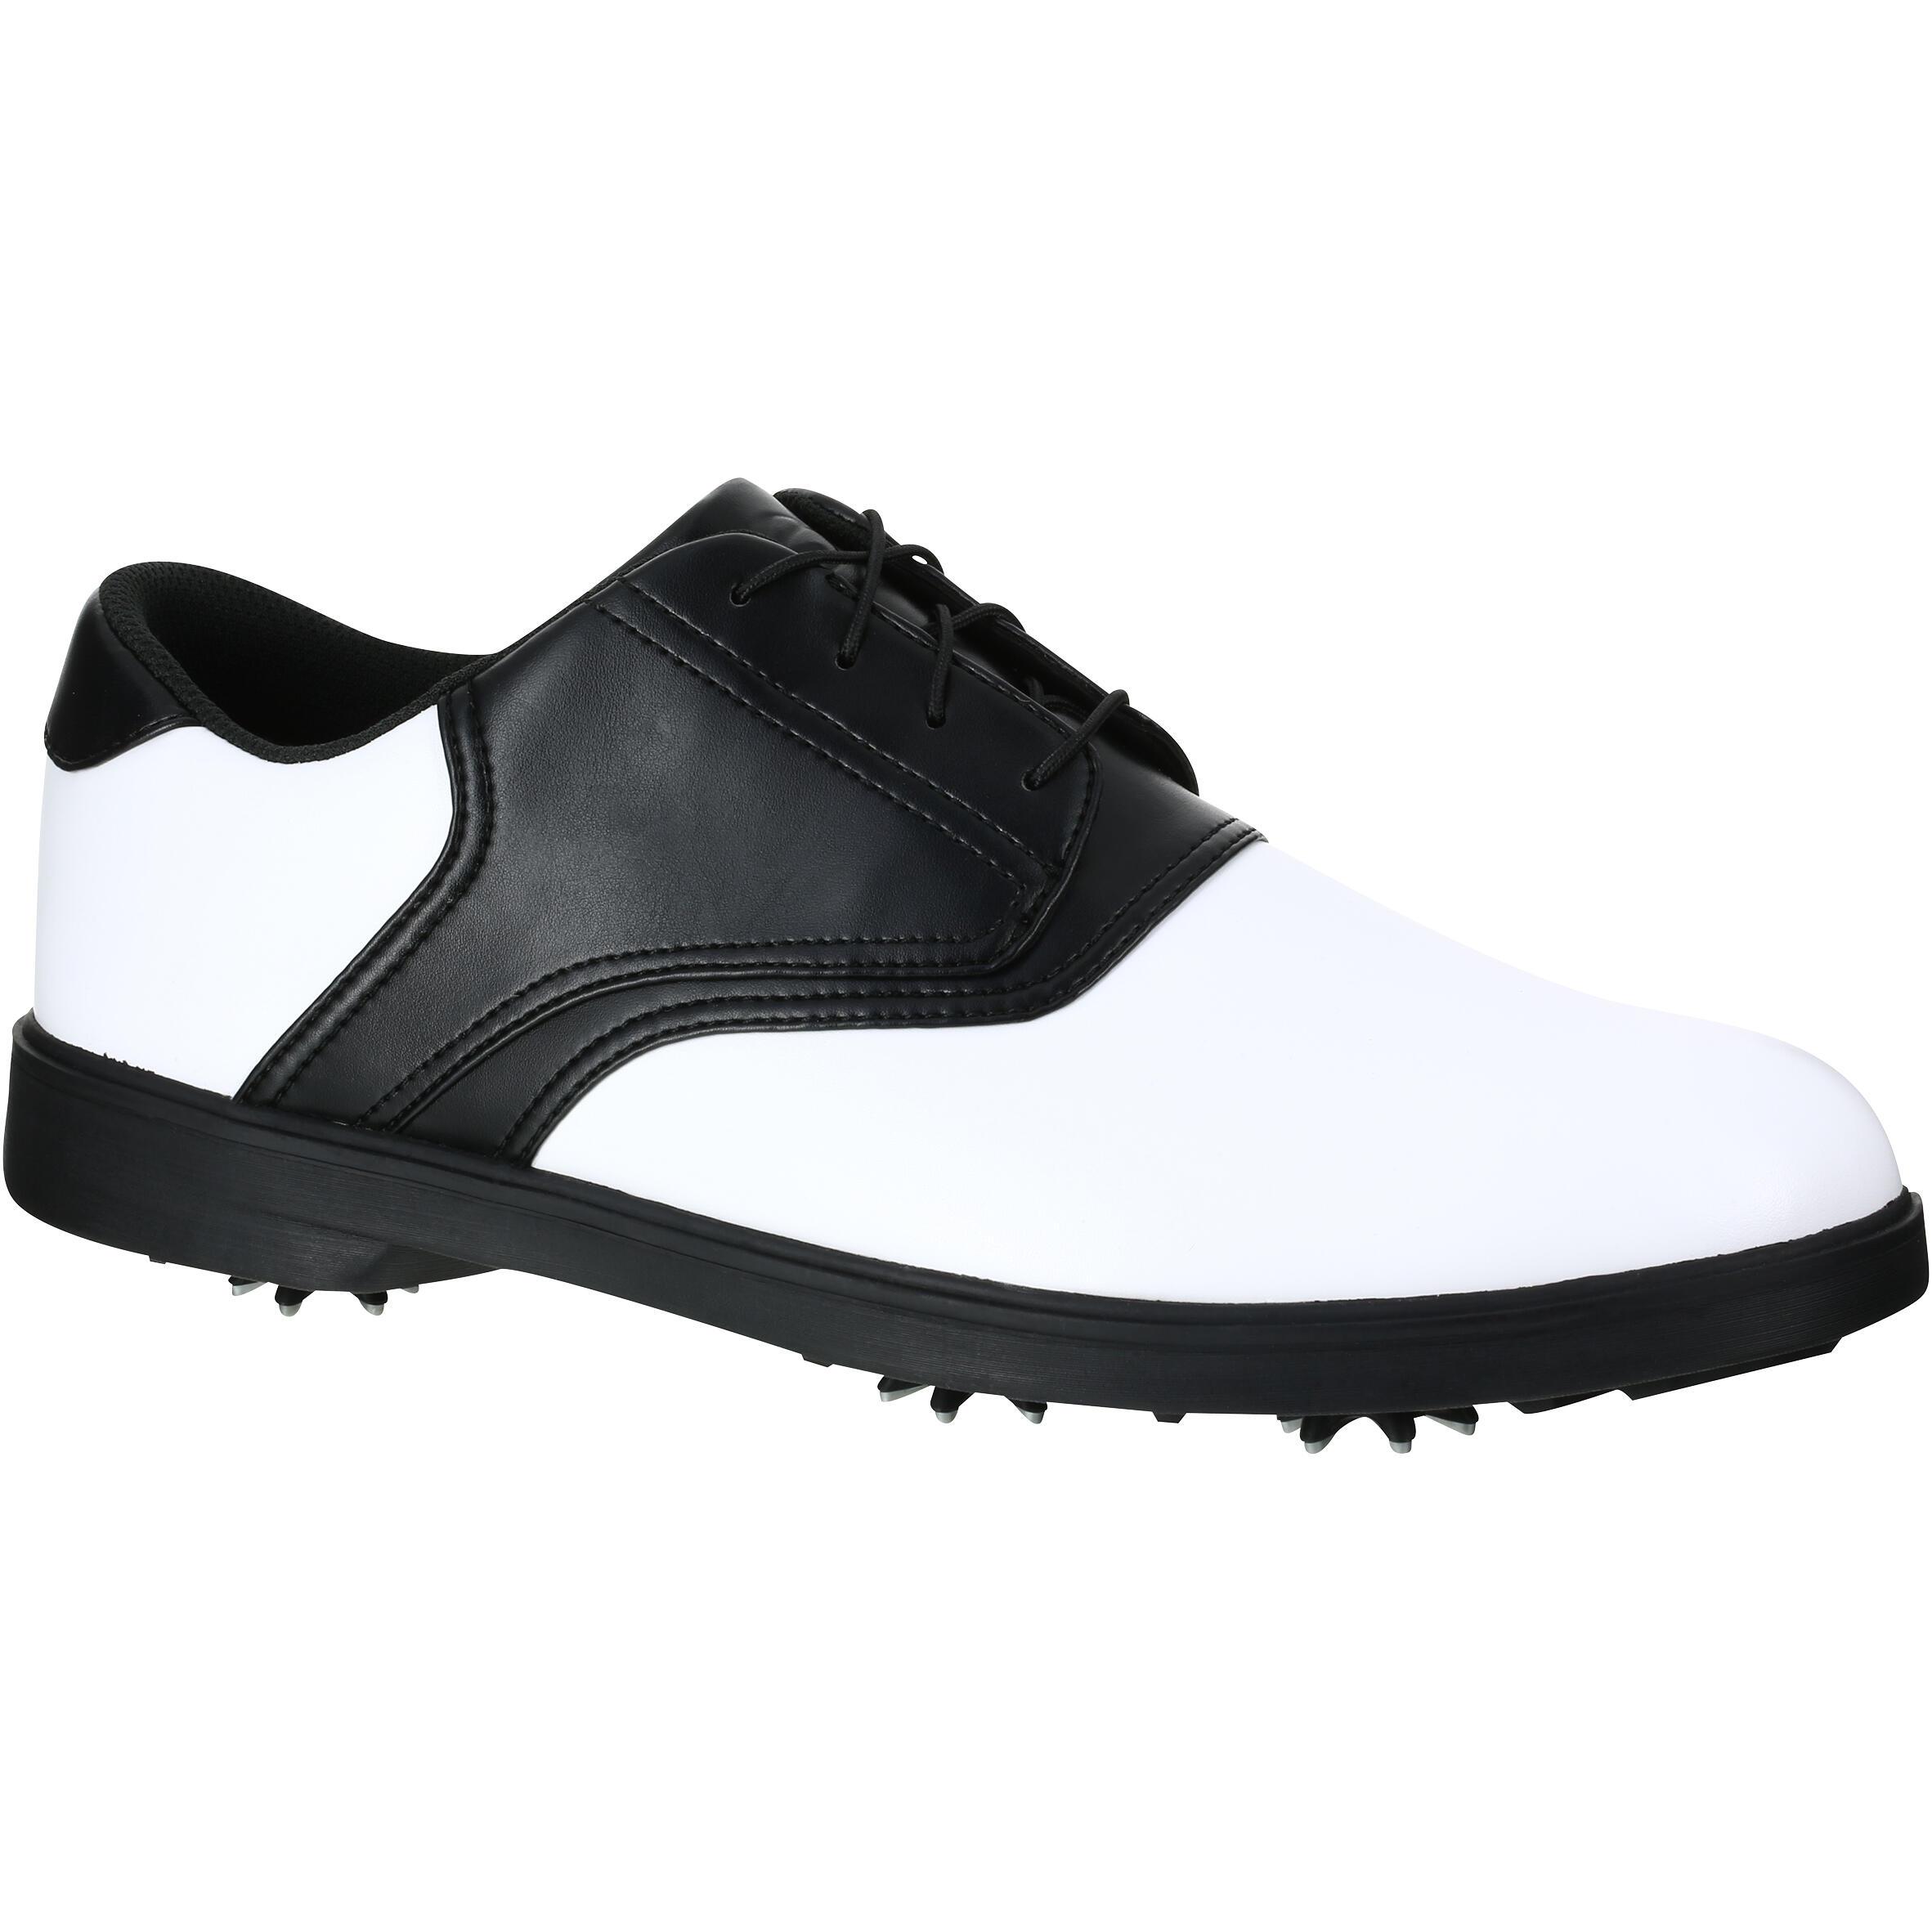 Inesis Golfschoenen Spike 500 voor heren wit/zwart